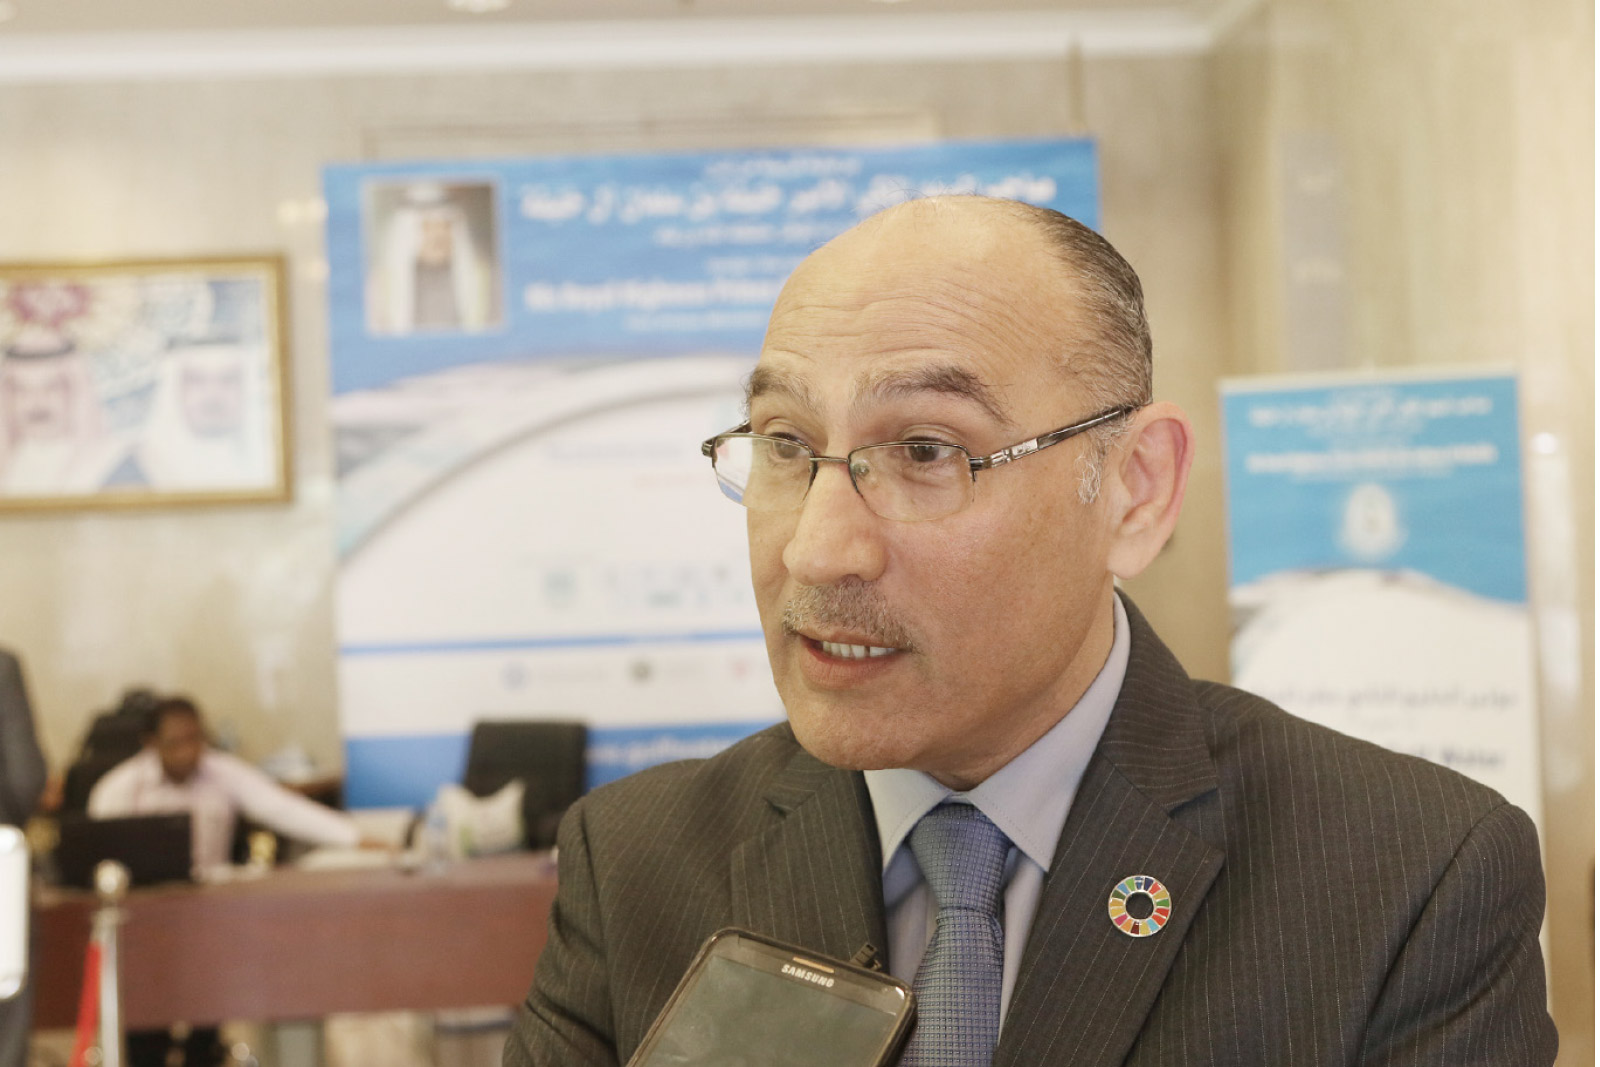 أبومغلي: ننظر لمياه الصرف الصحي كمصدر مهم للمياه